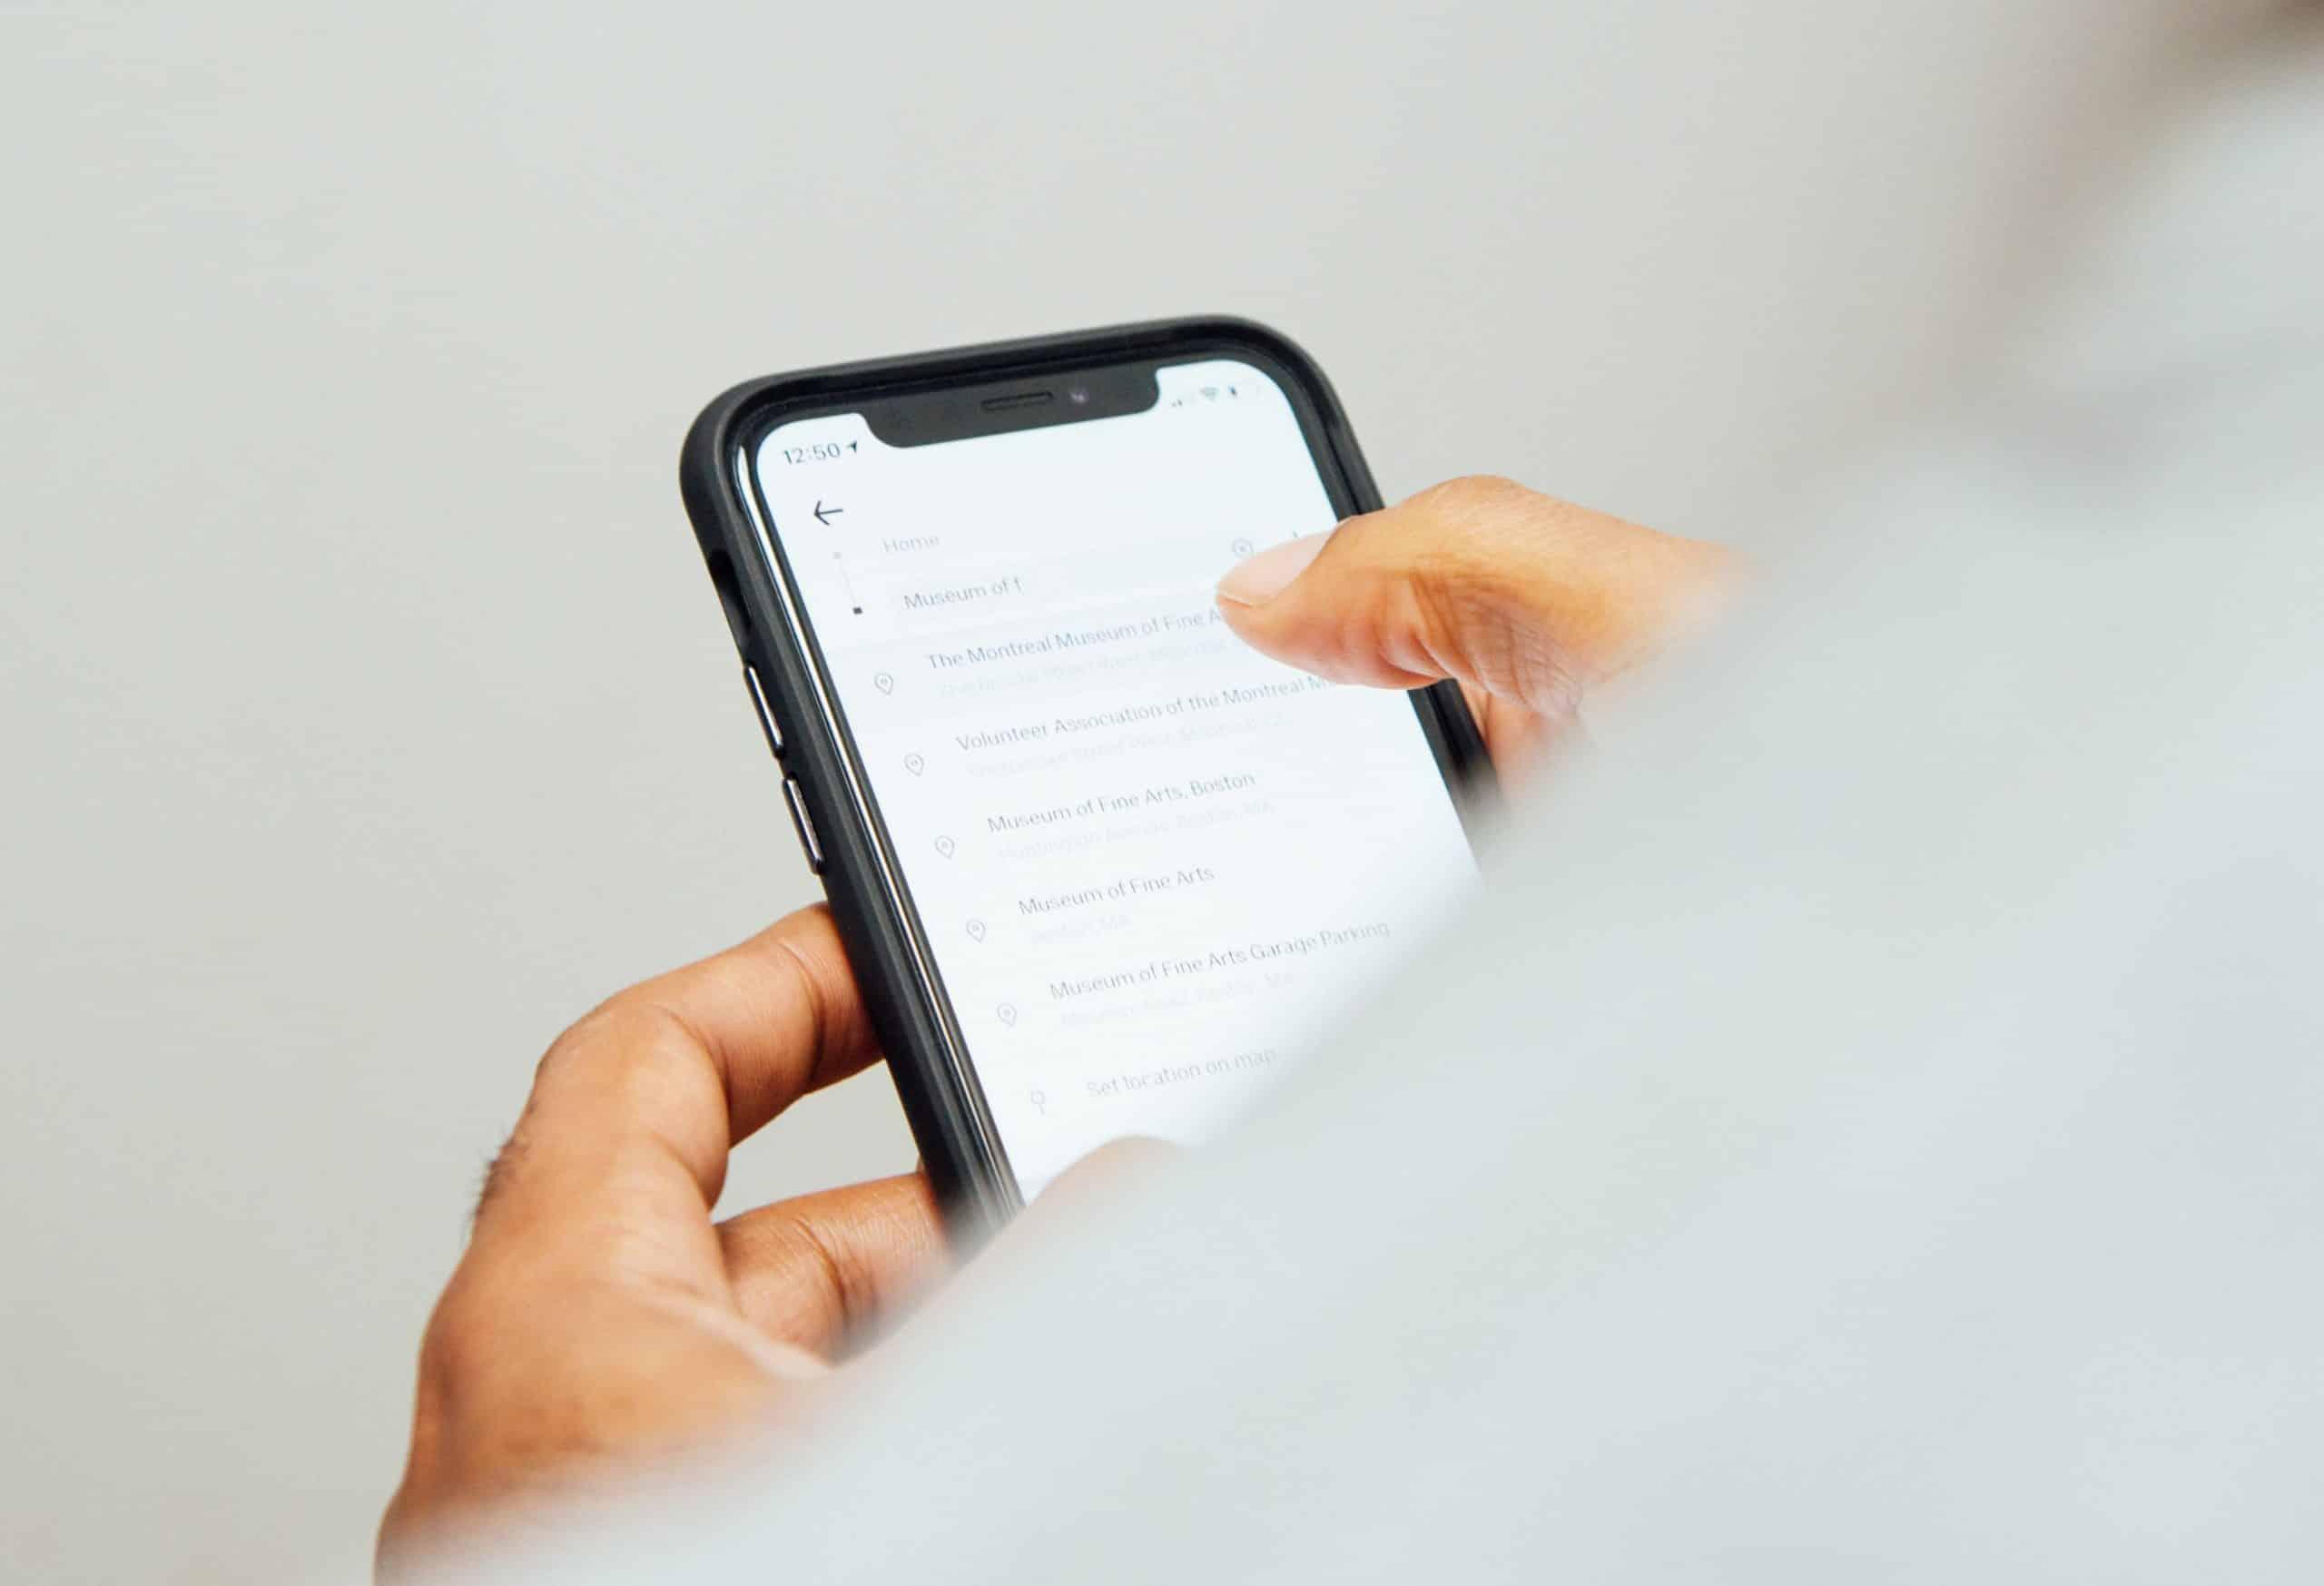 Mengatasi Layar IPhone Error Bergerak Sendiri